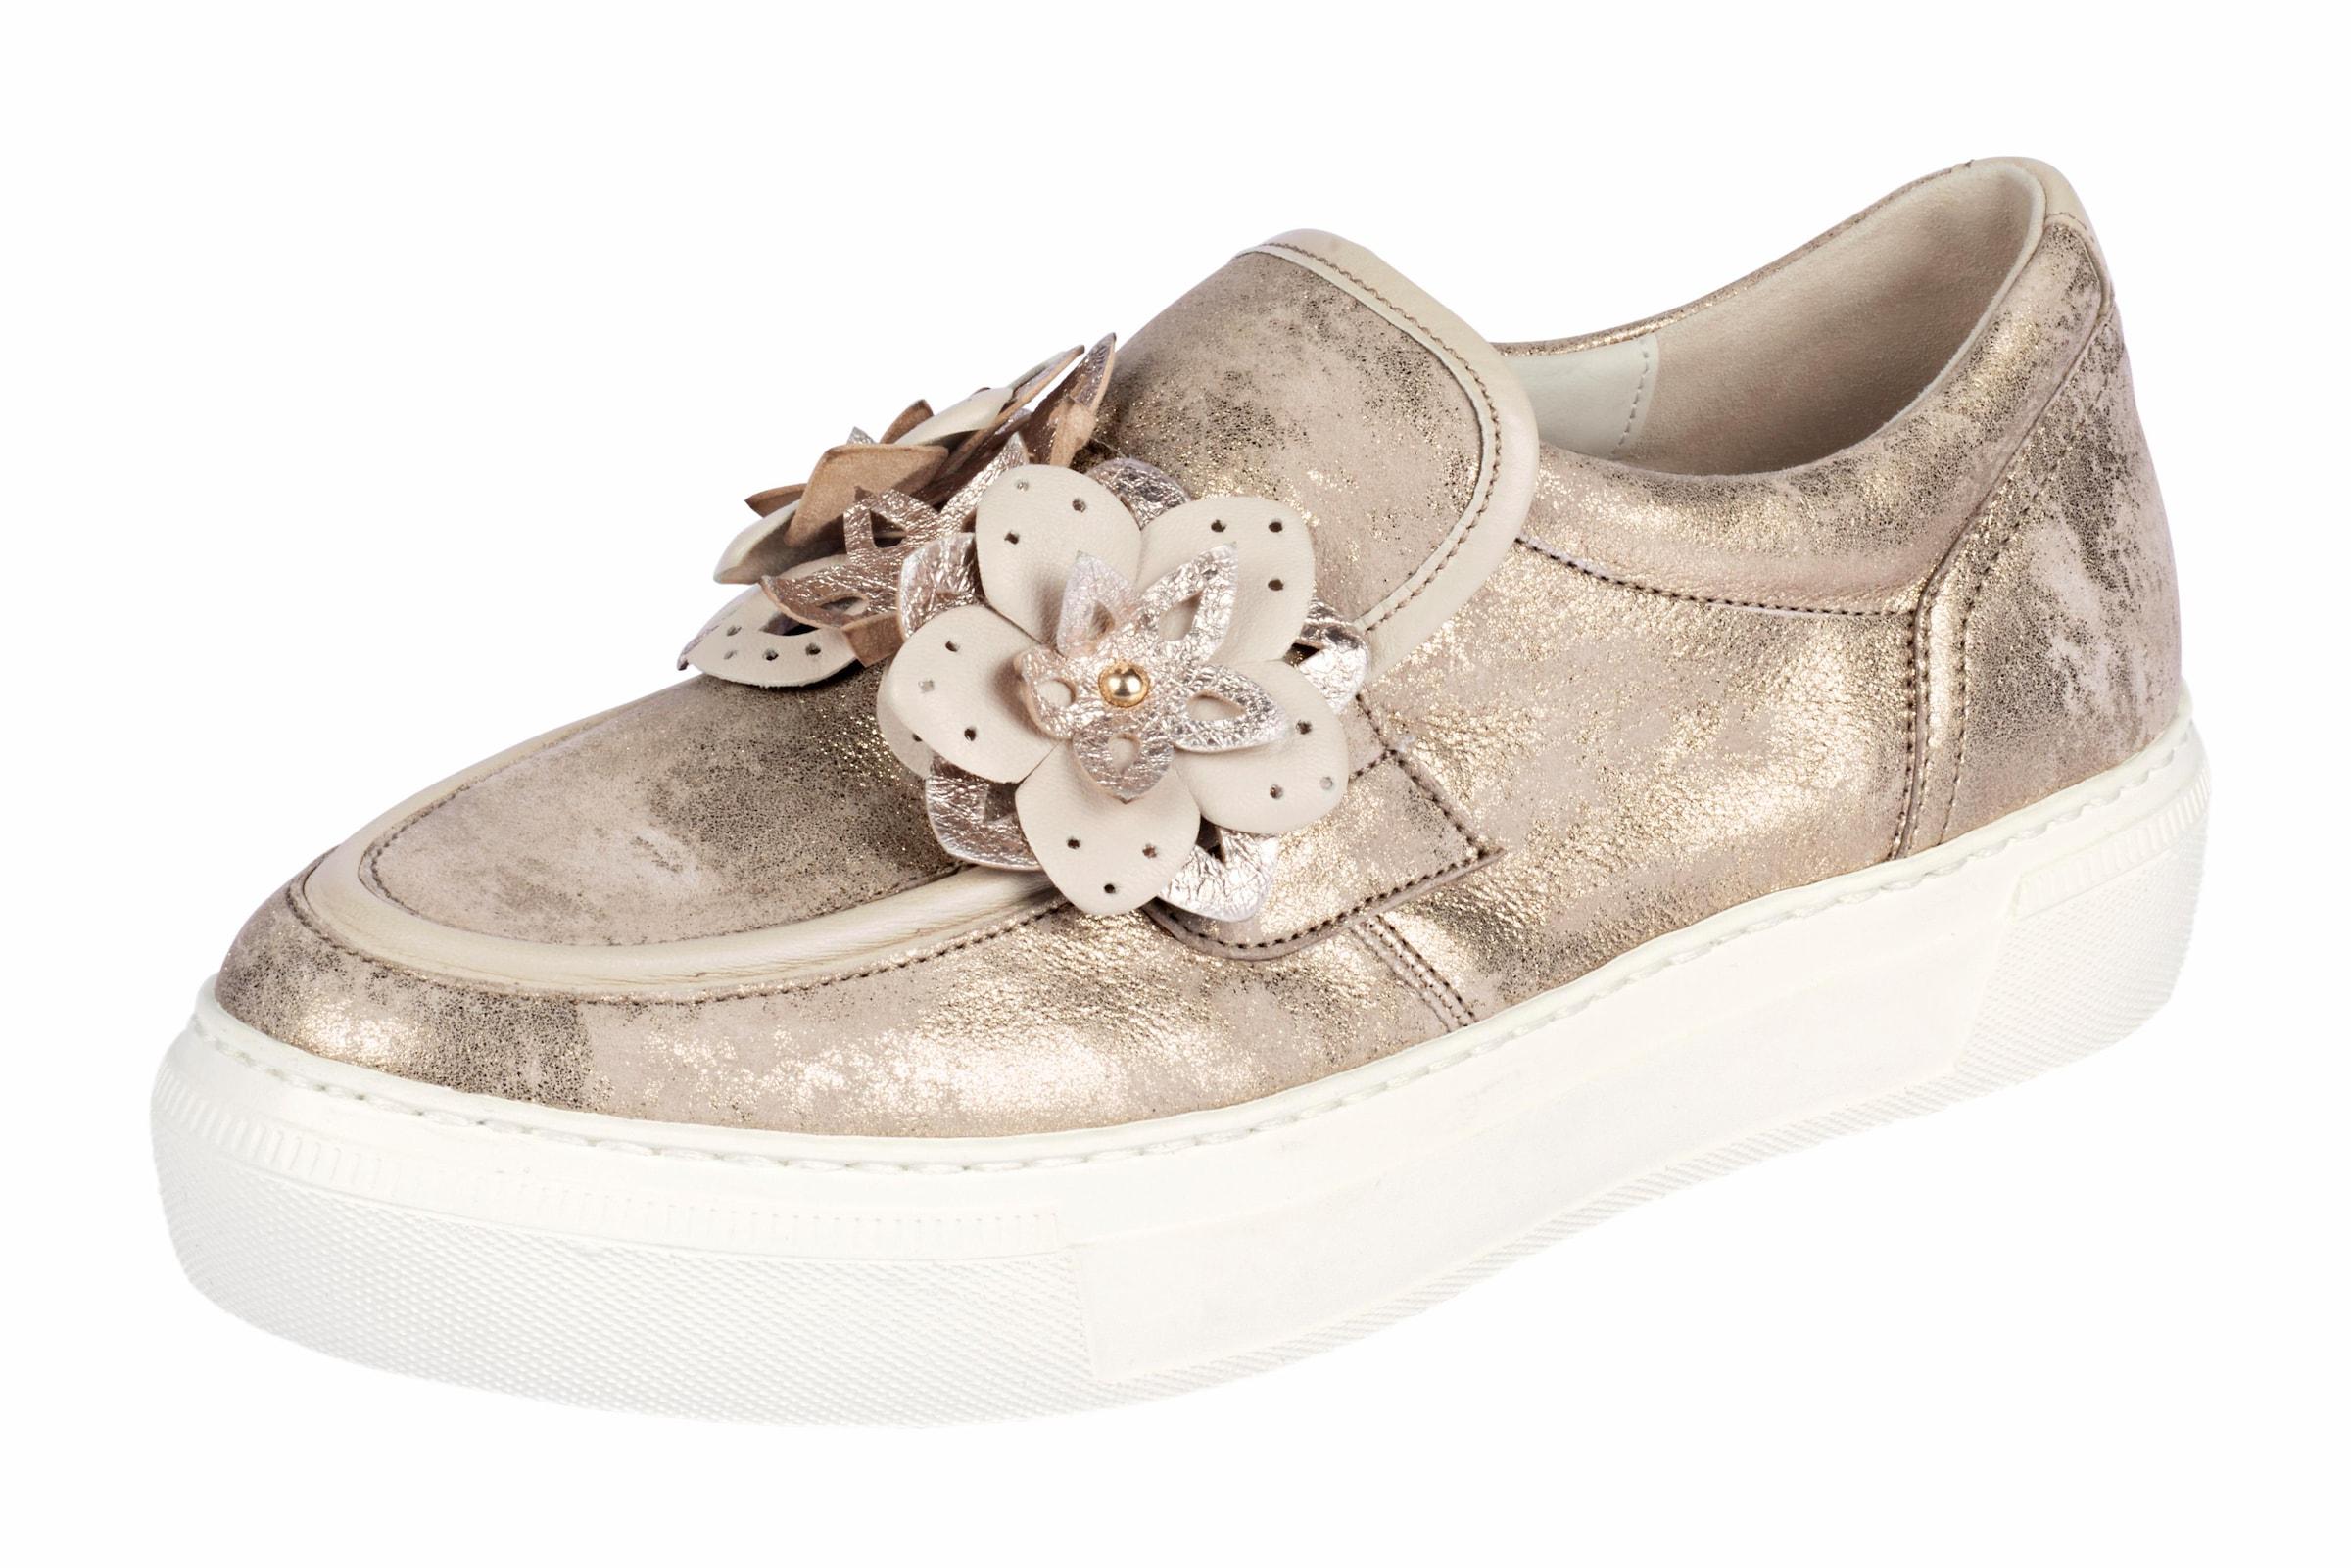 GABOR Slipper mit Blütenapplikation Günstige und langlebige Schuhe